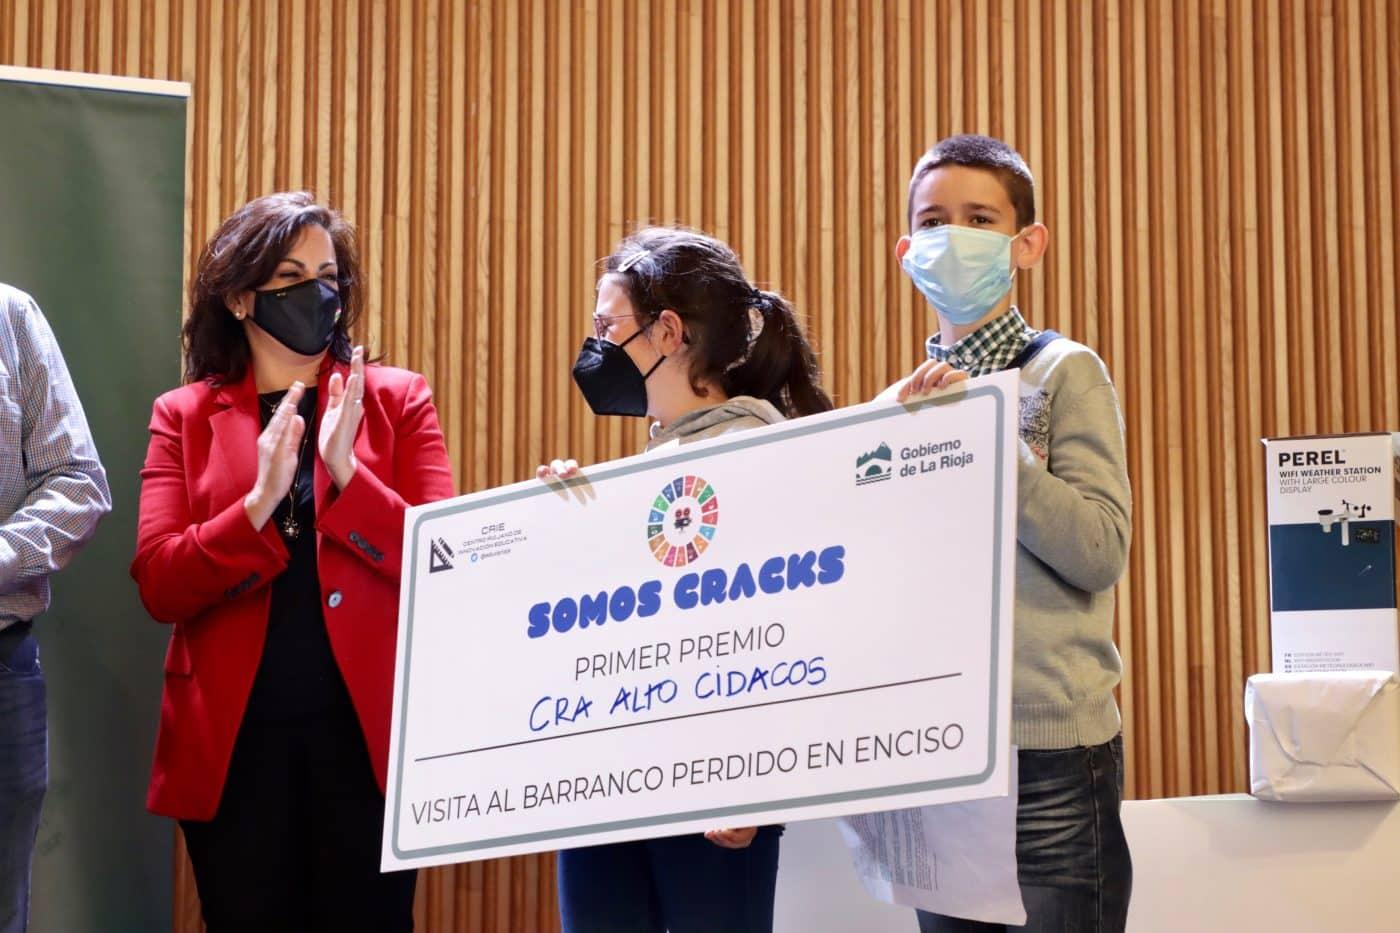 Los colegios Entrevalles, Alto Cidacos, Valle Oja-Tirón y Entreviñas, premiados en el concurso 'Somos CRAcks' 1